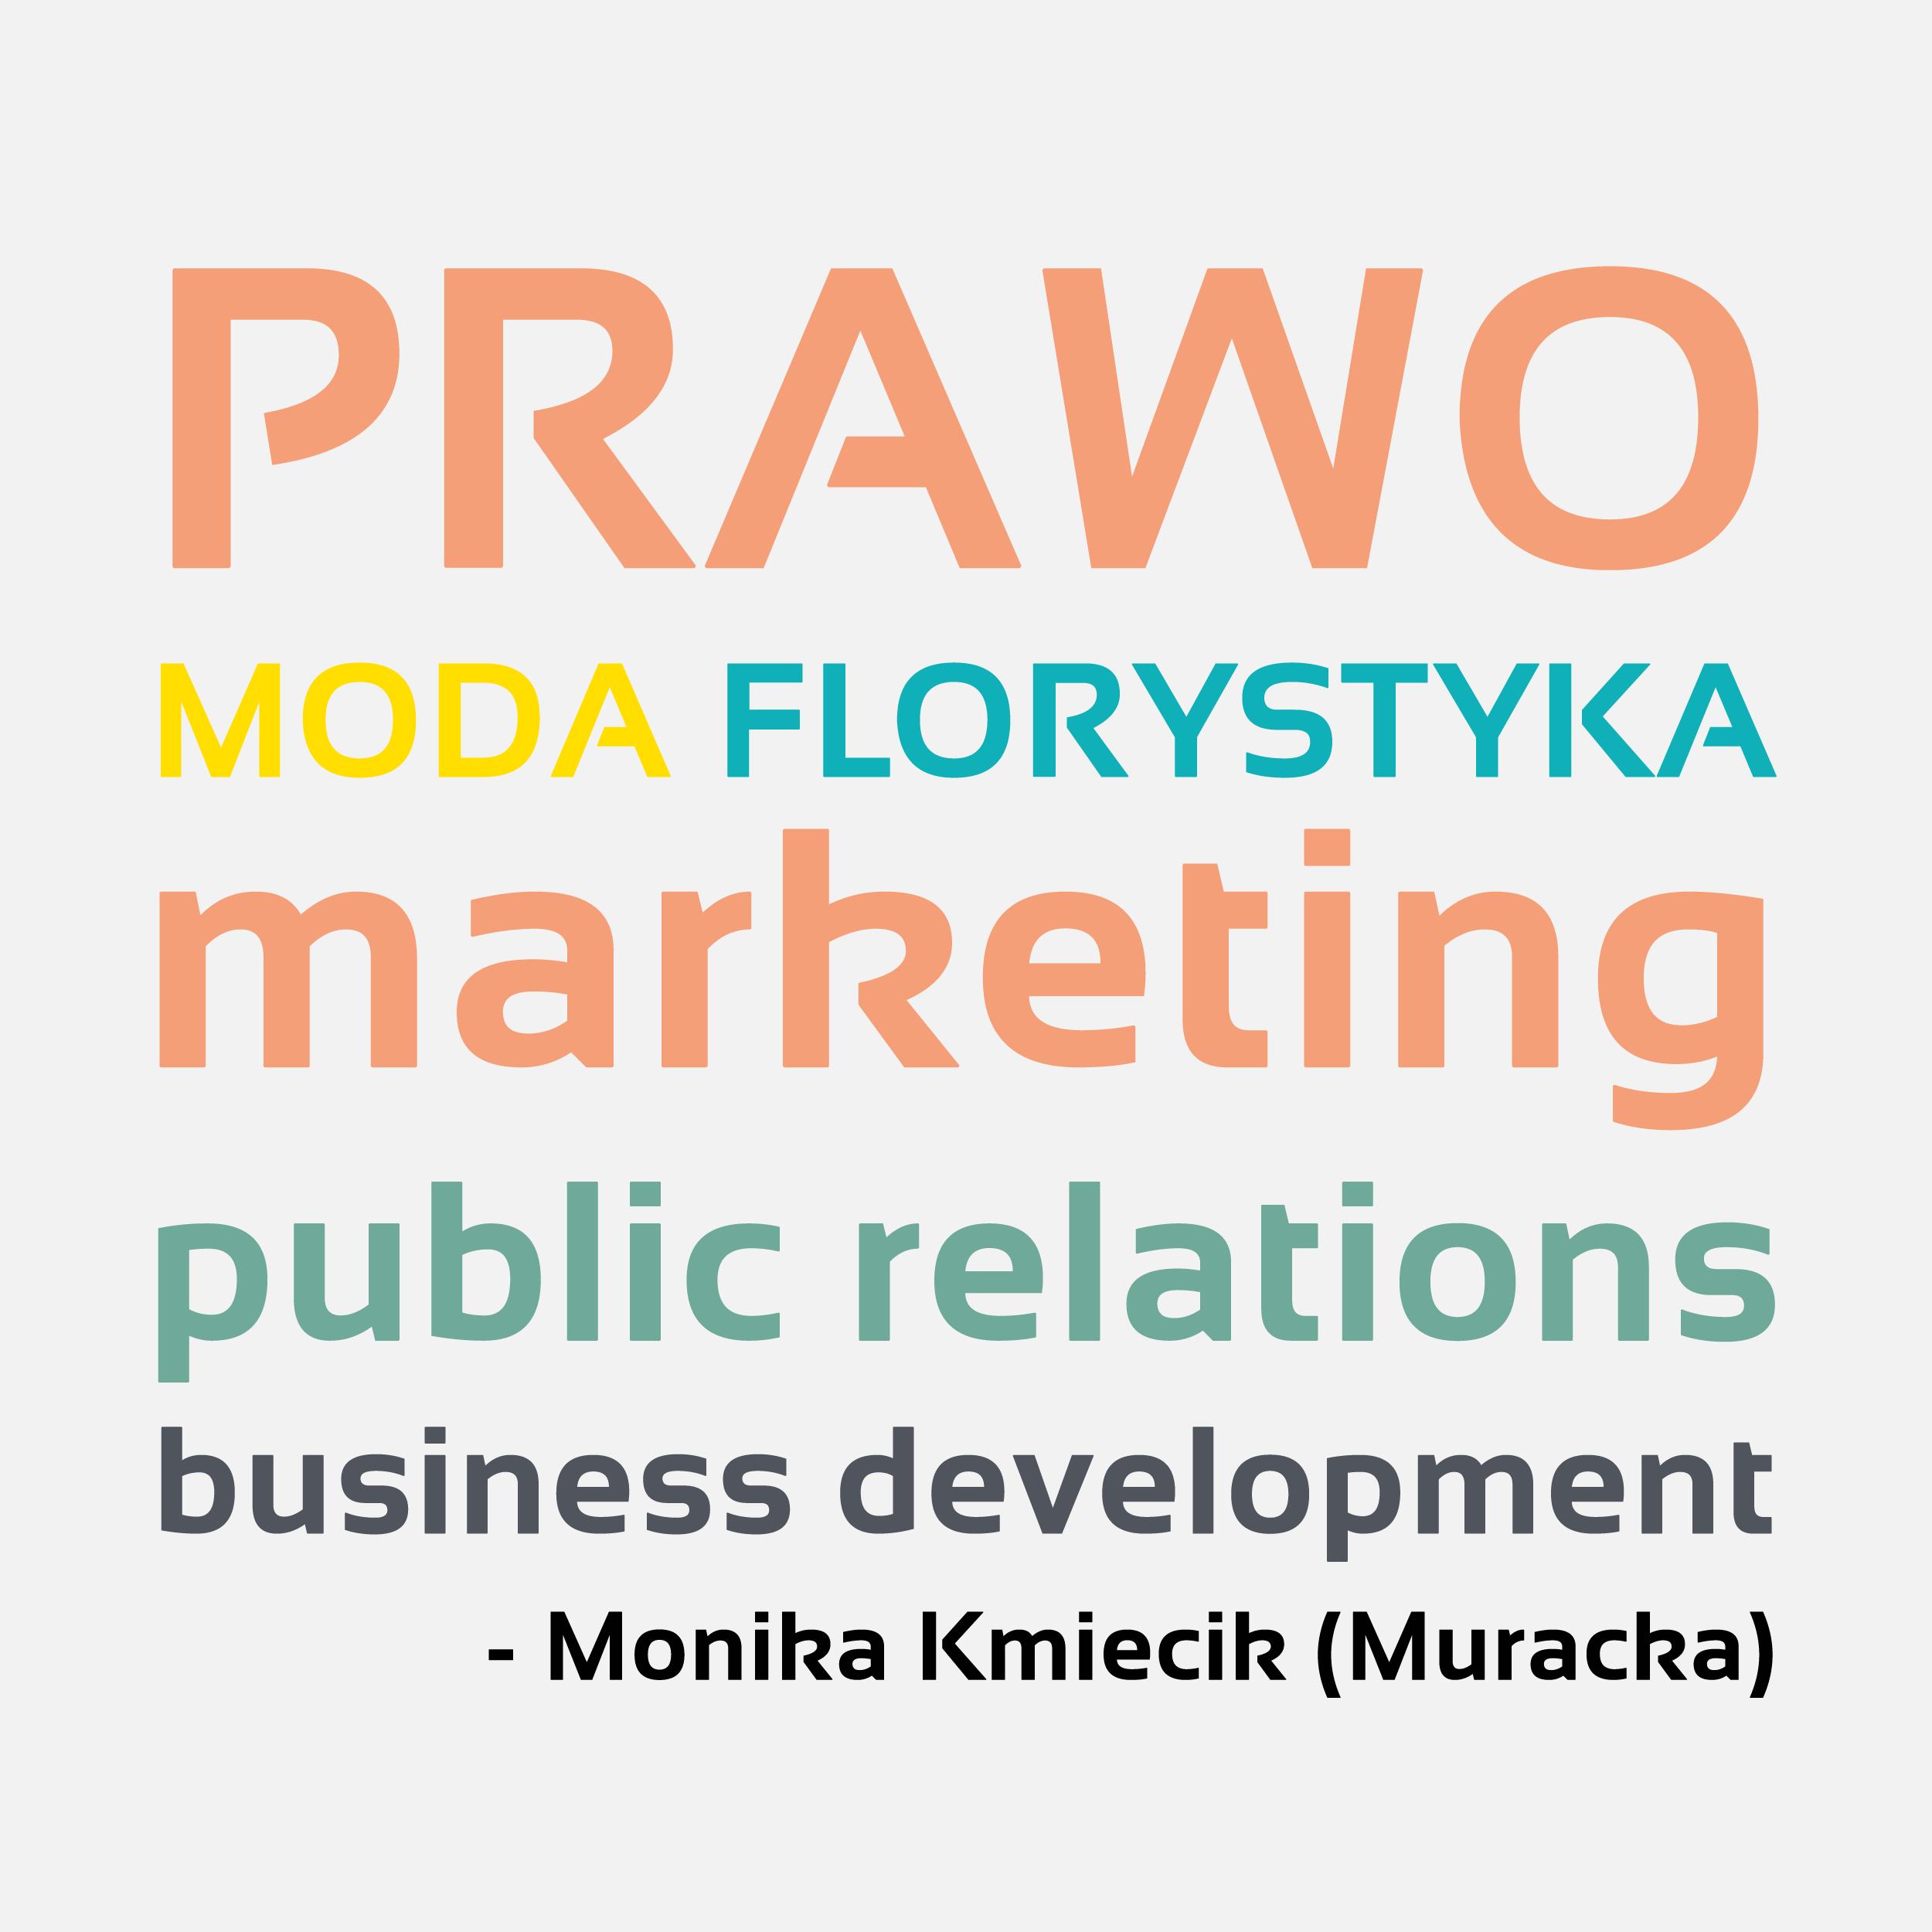 moj-swiat-zawodowy-Monika-Kmiecik-Murackal-marketing-dla-prawnikow.png